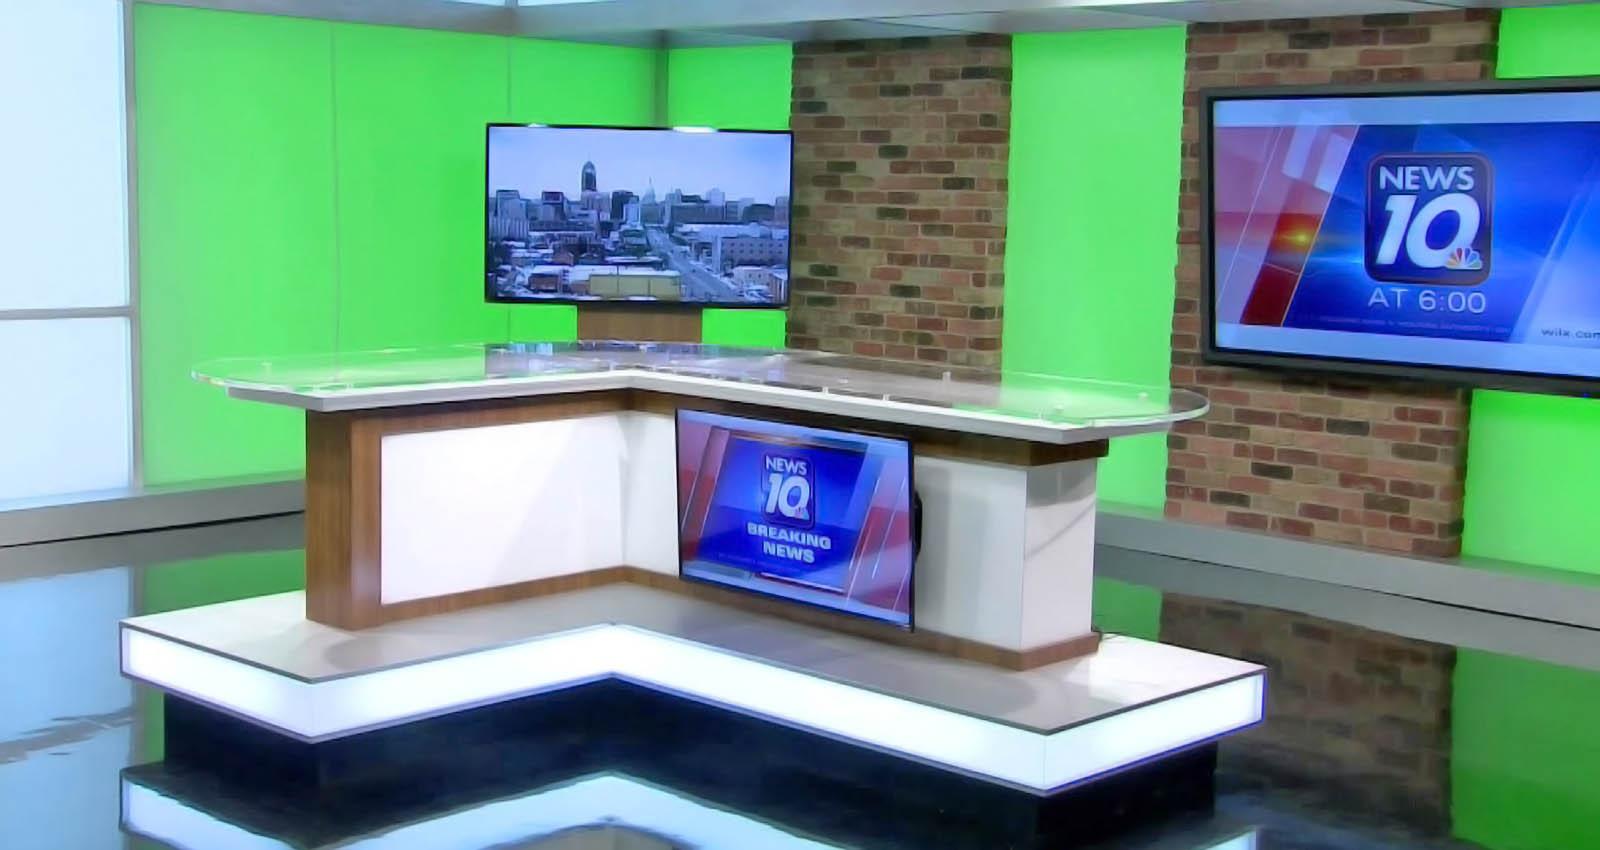 WILX News live coverage studio